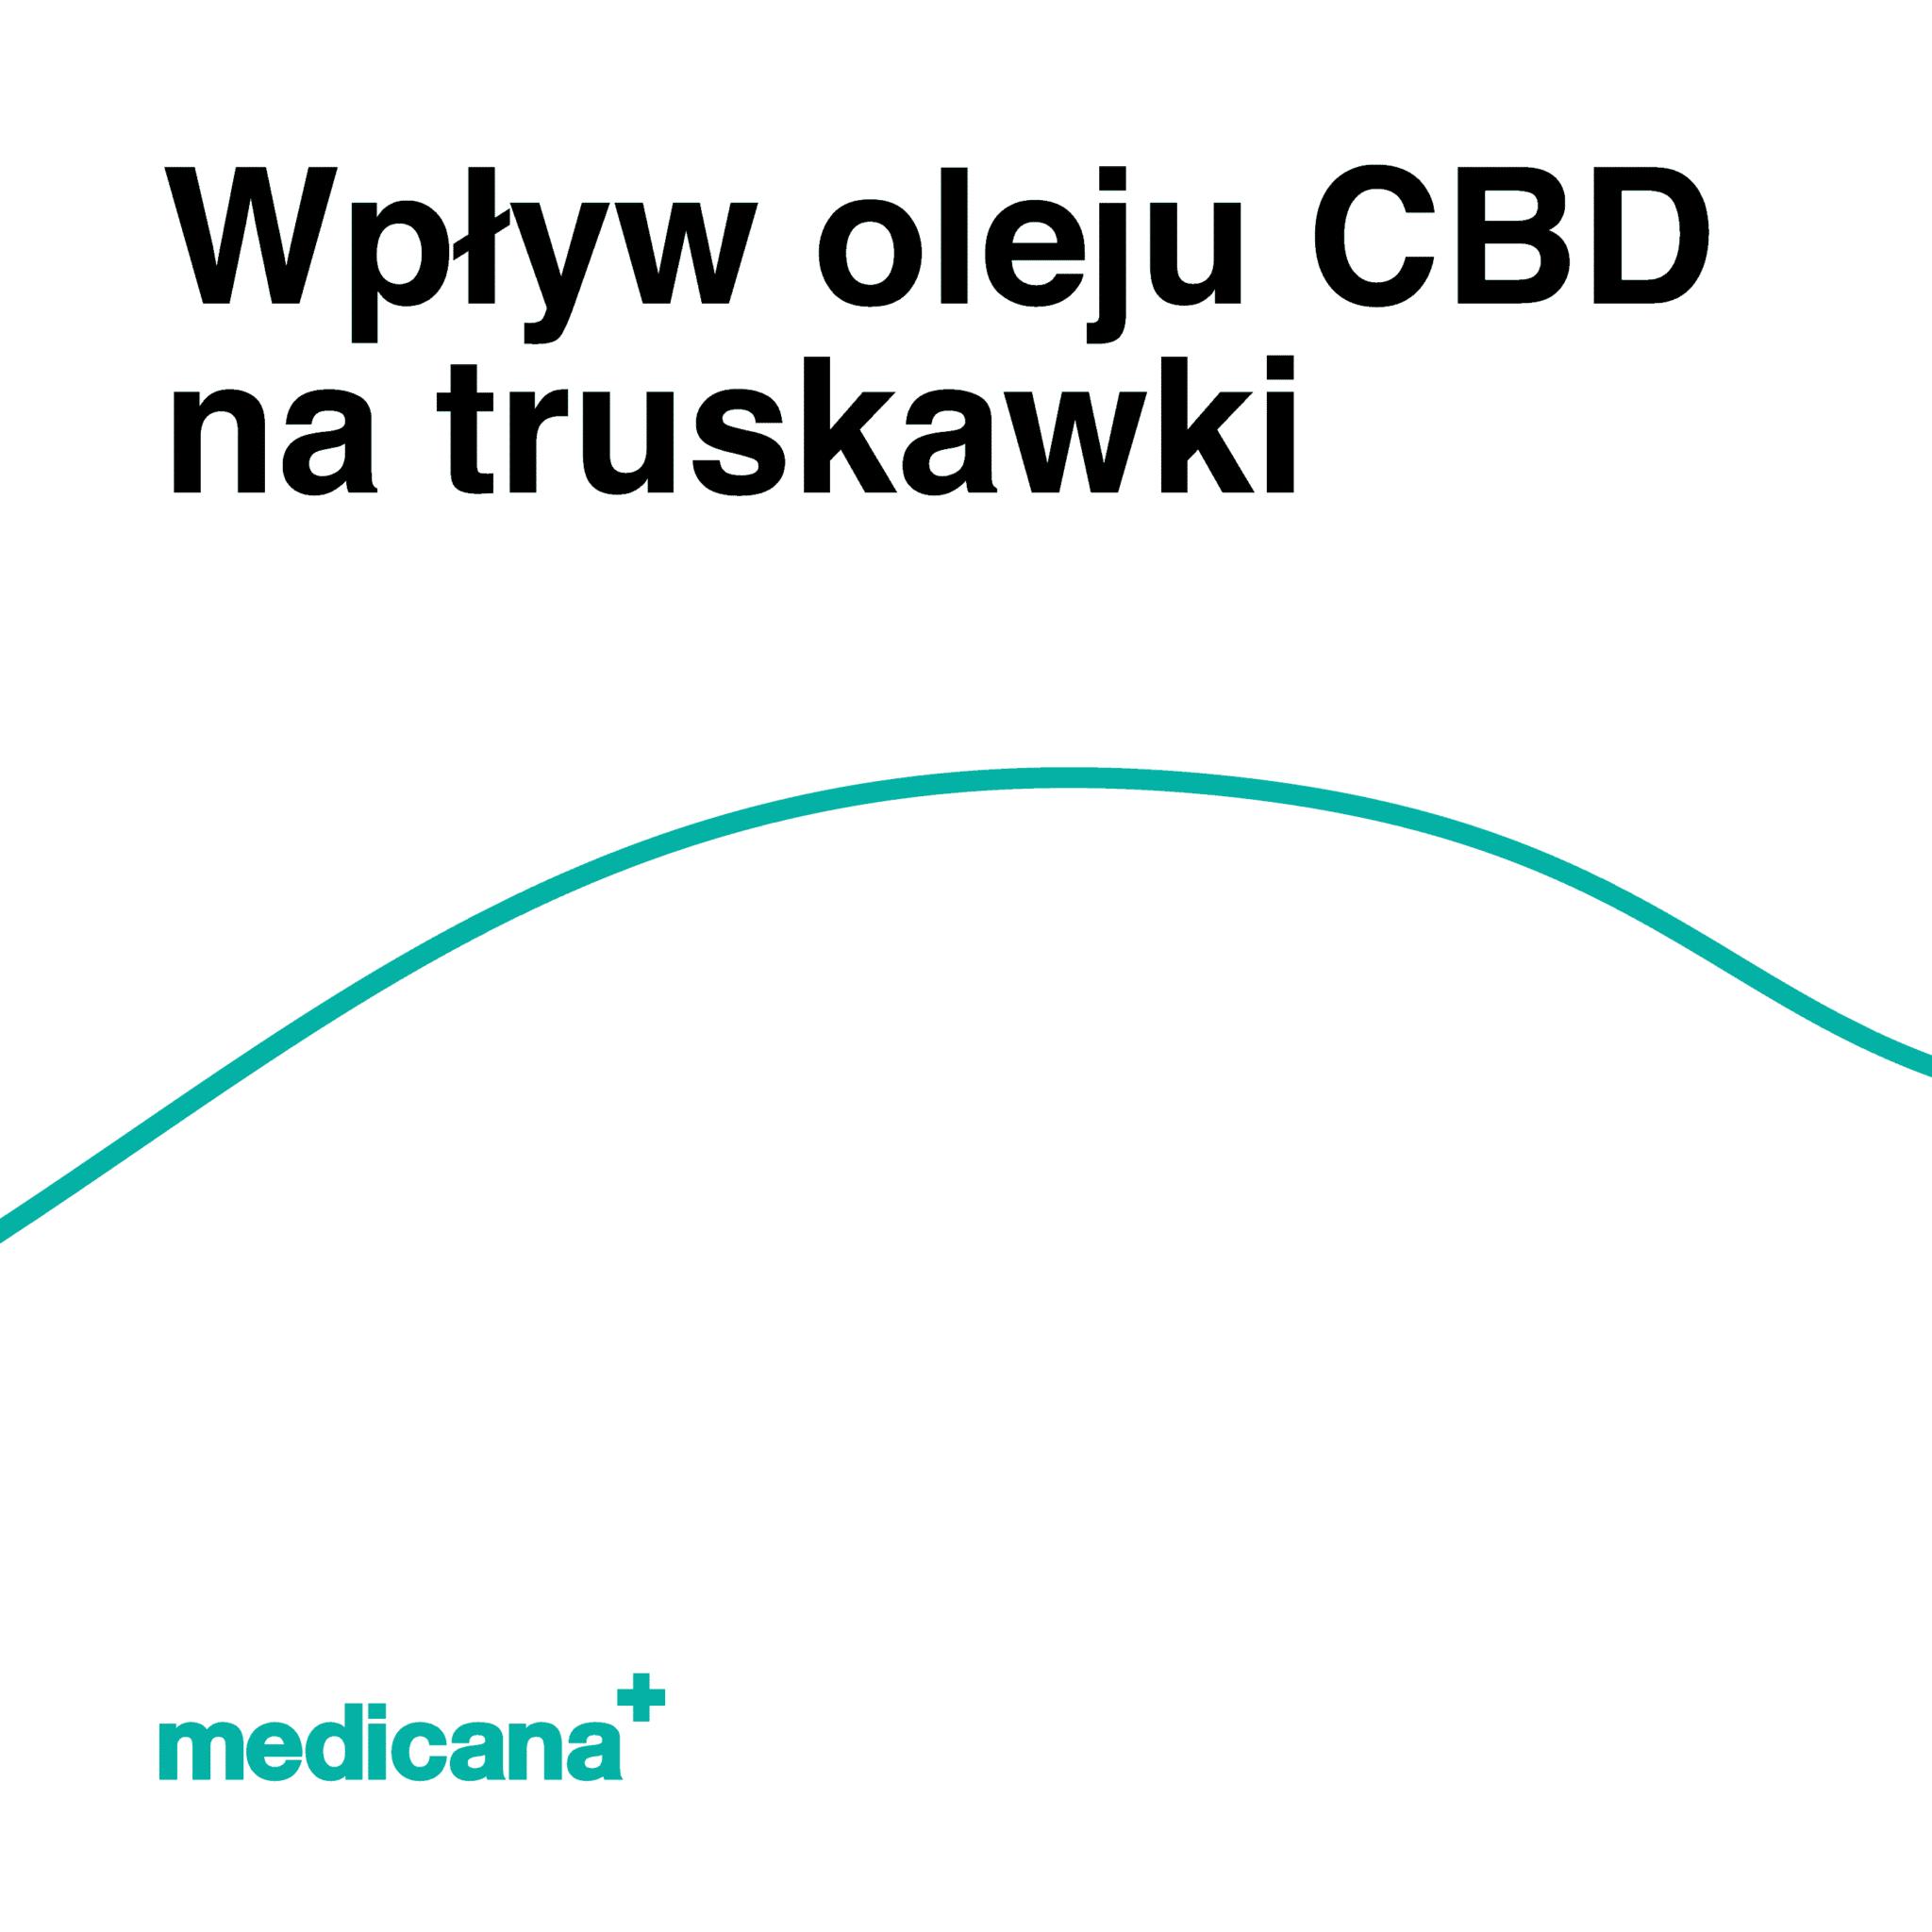 Grafika, białe tło z zieloną linią, czarnym napisem Wpływ oleju CBD na truskawki oraz zielonym logo Medicana w lewym dolnym rogu.